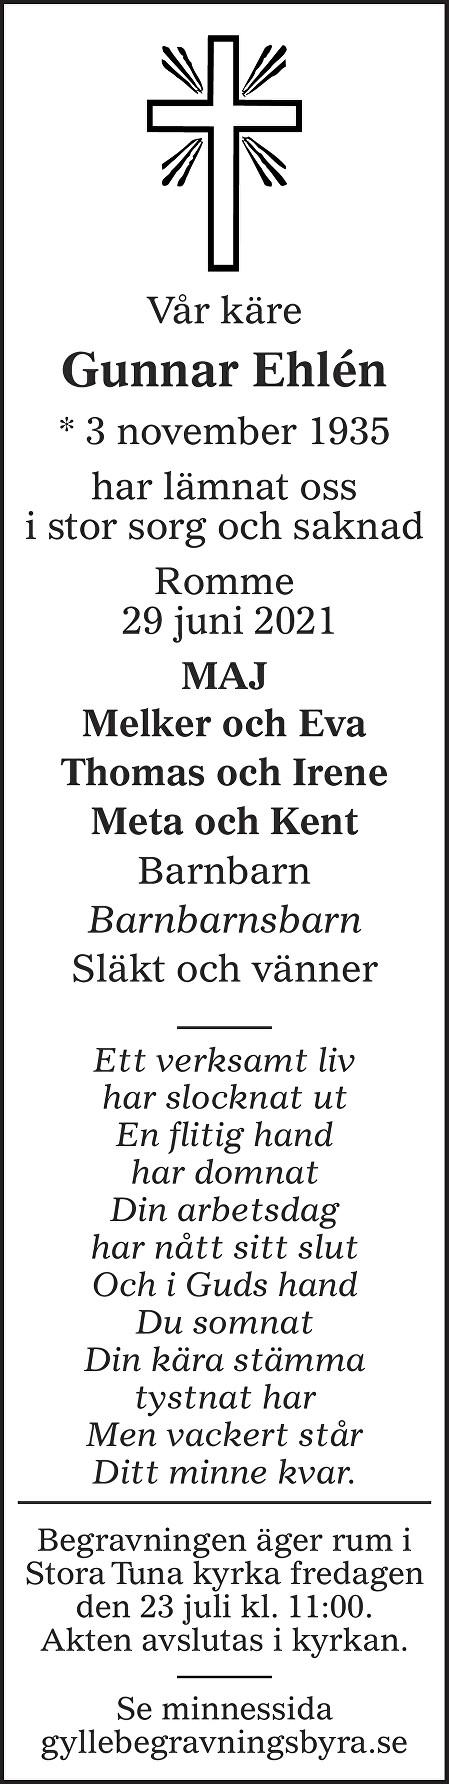 Gunnar Ehlén Death notice